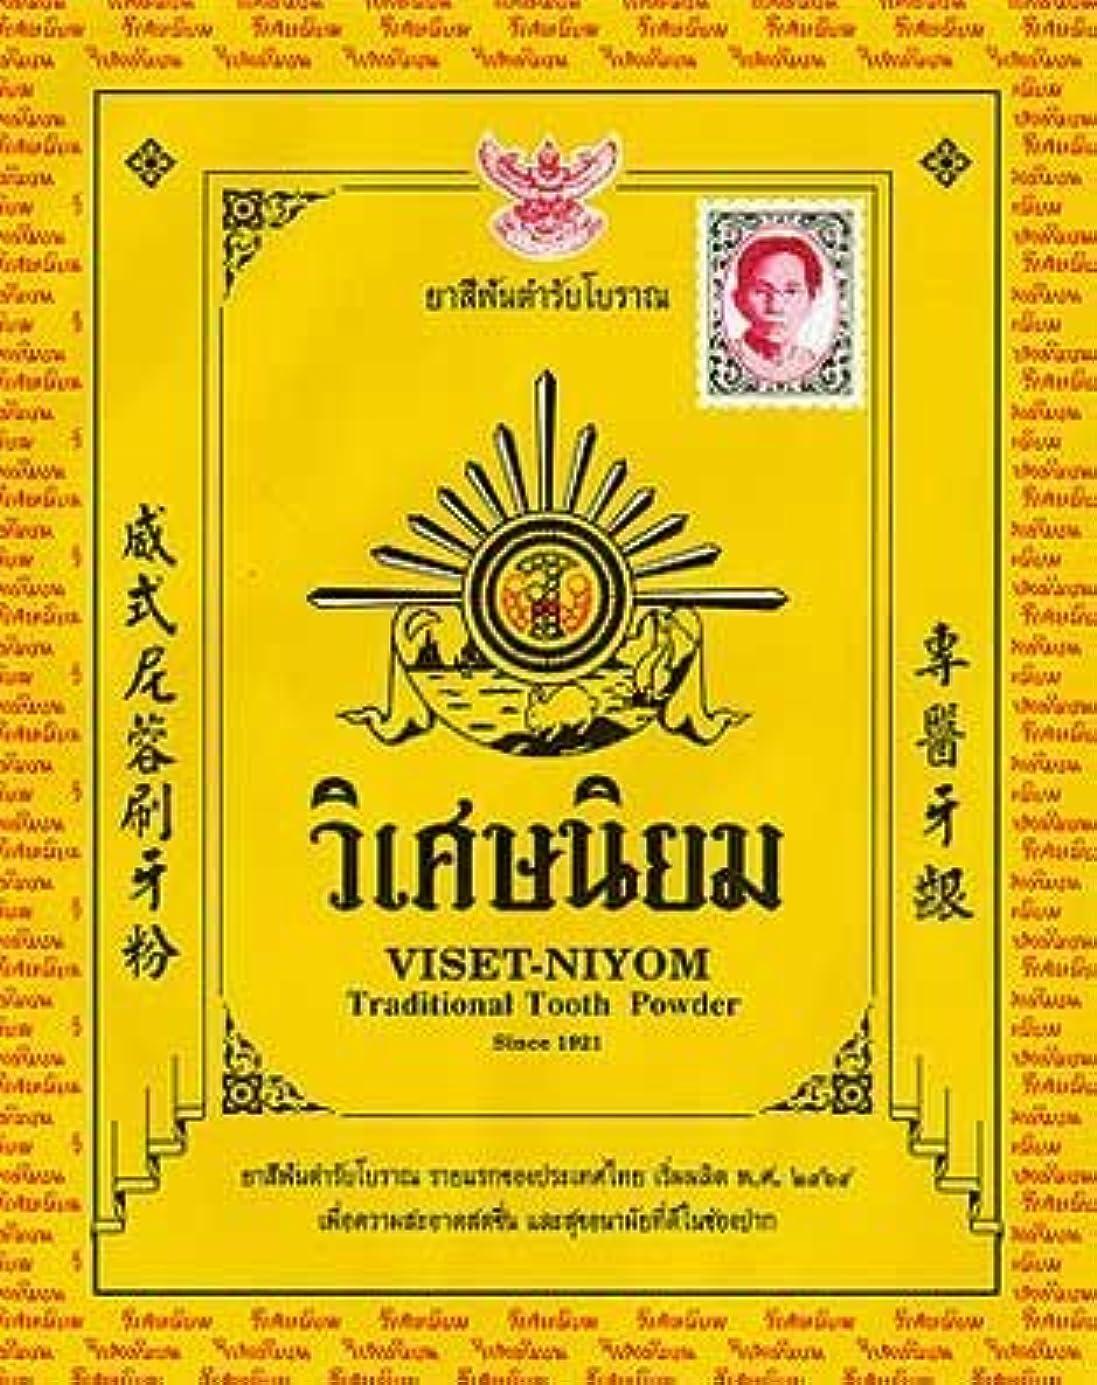 転倒純度引退したHerbal Whitening Tooth Powder Thai Original Traditional Toothpaste 40 G. x 2 Packs by Viset Niyom Tooth Powder